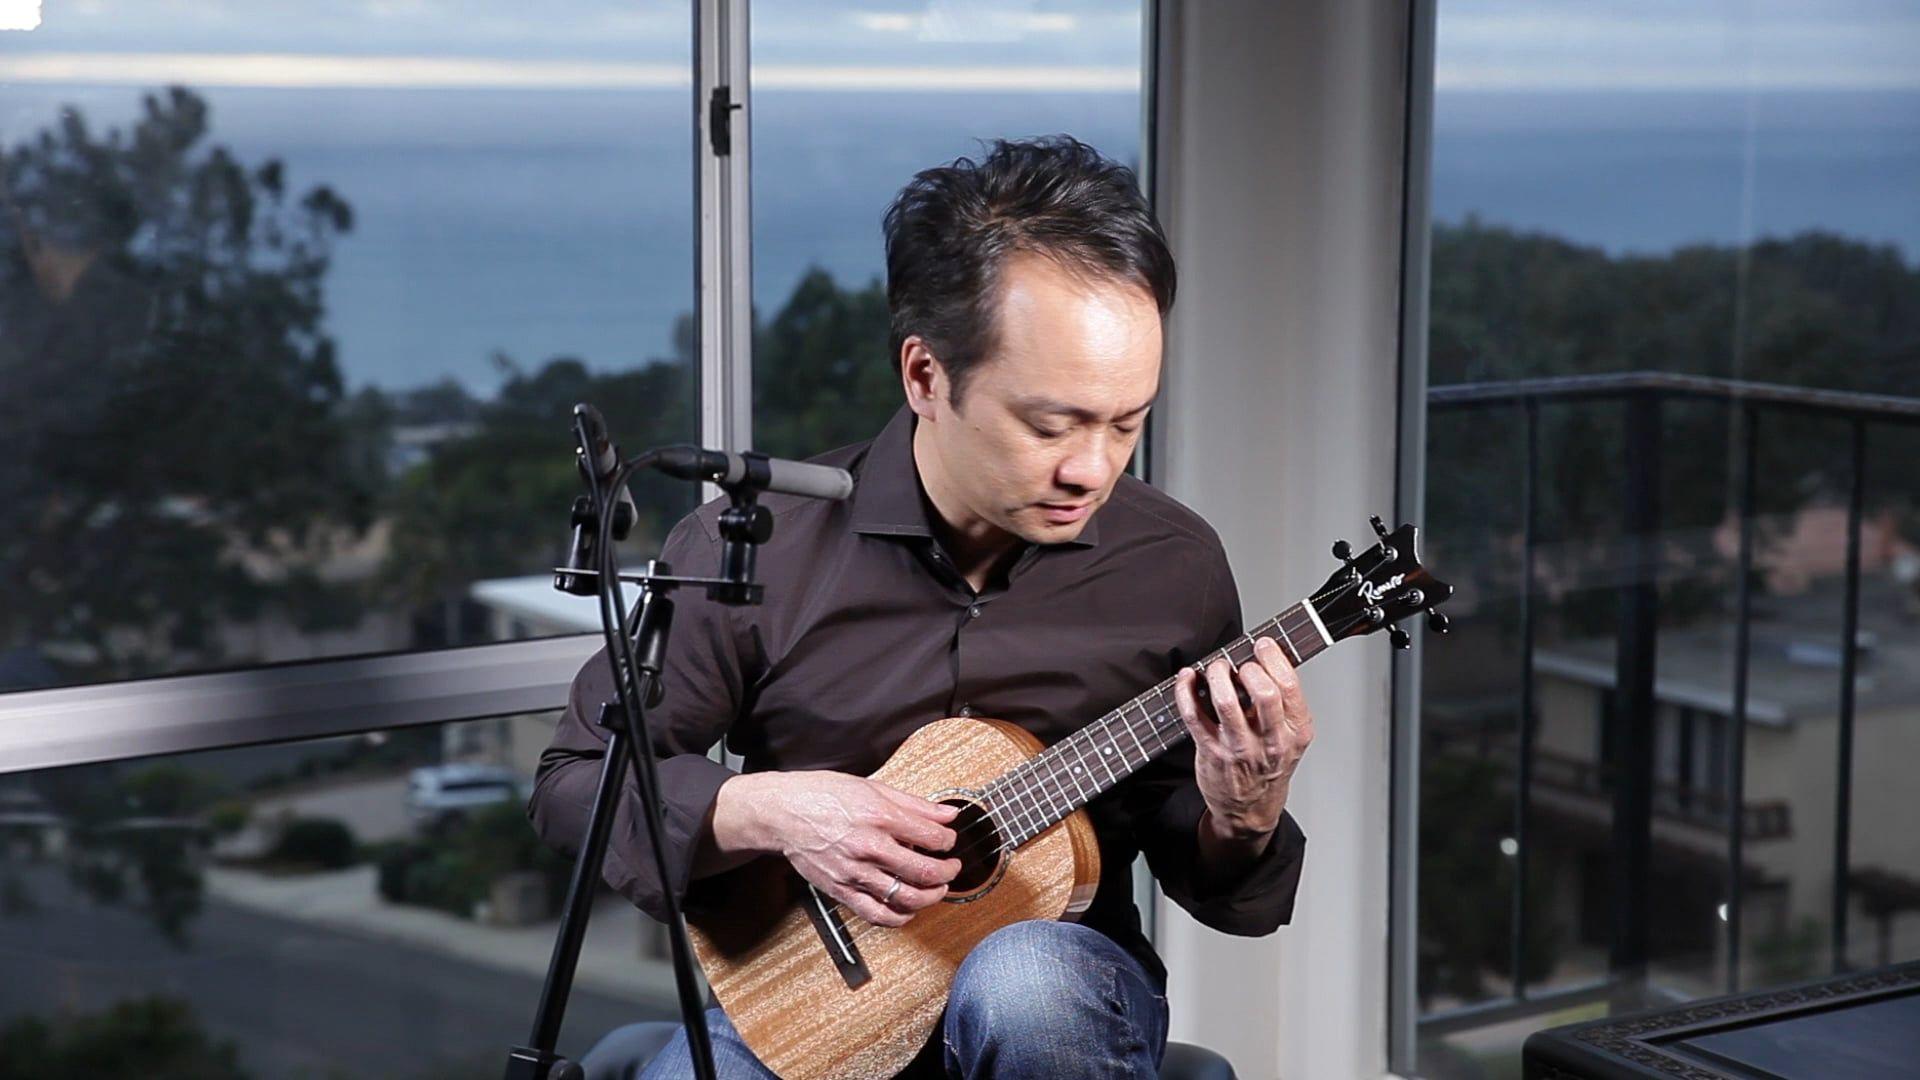 Romero Creation Grand Tenor Mahogany sound sample by Daniel Ho